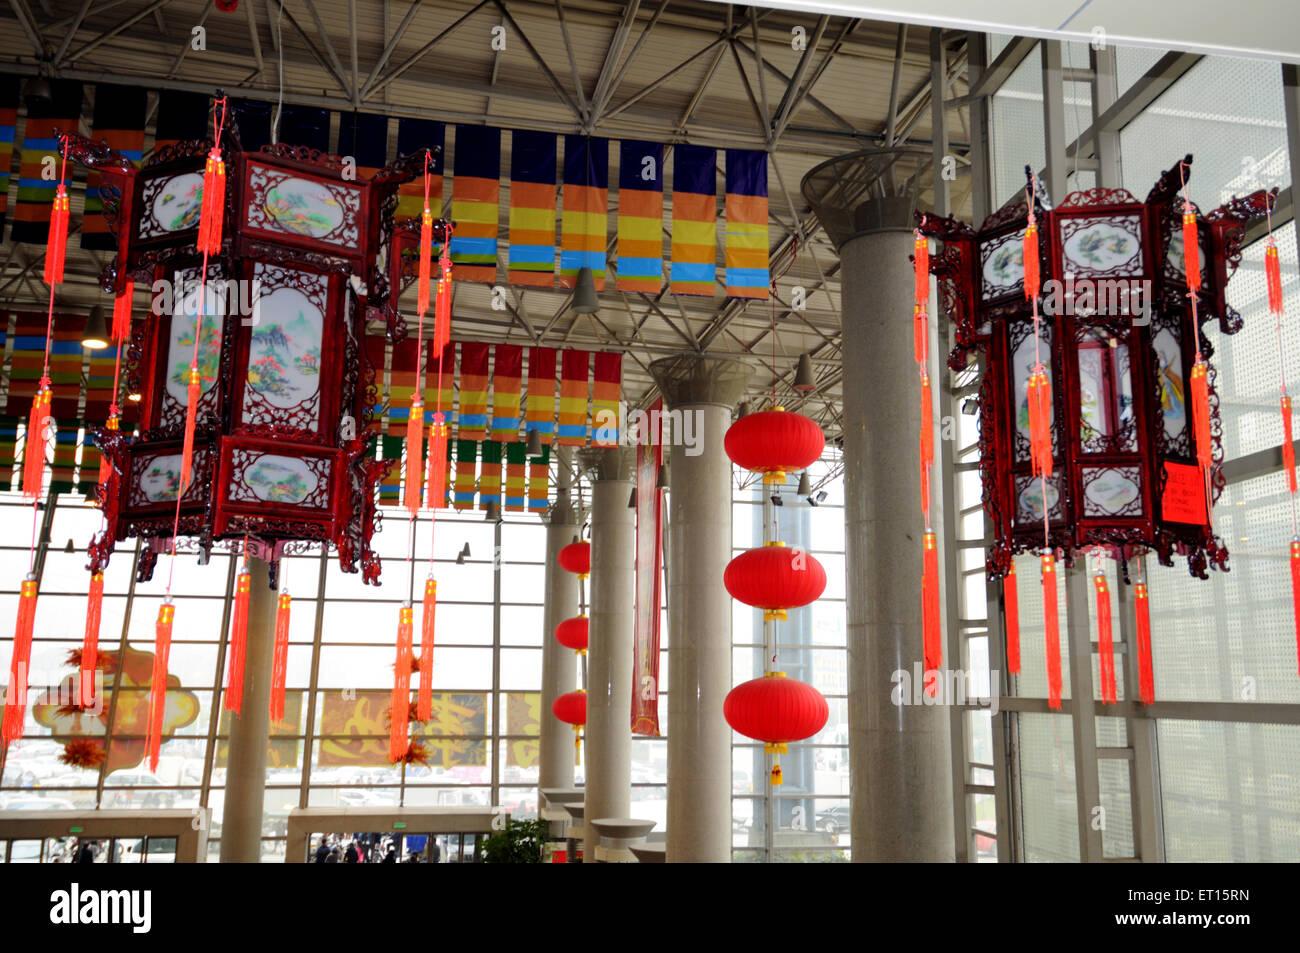 Lanternes chinoises; Yiwu Chine; Photo Stock